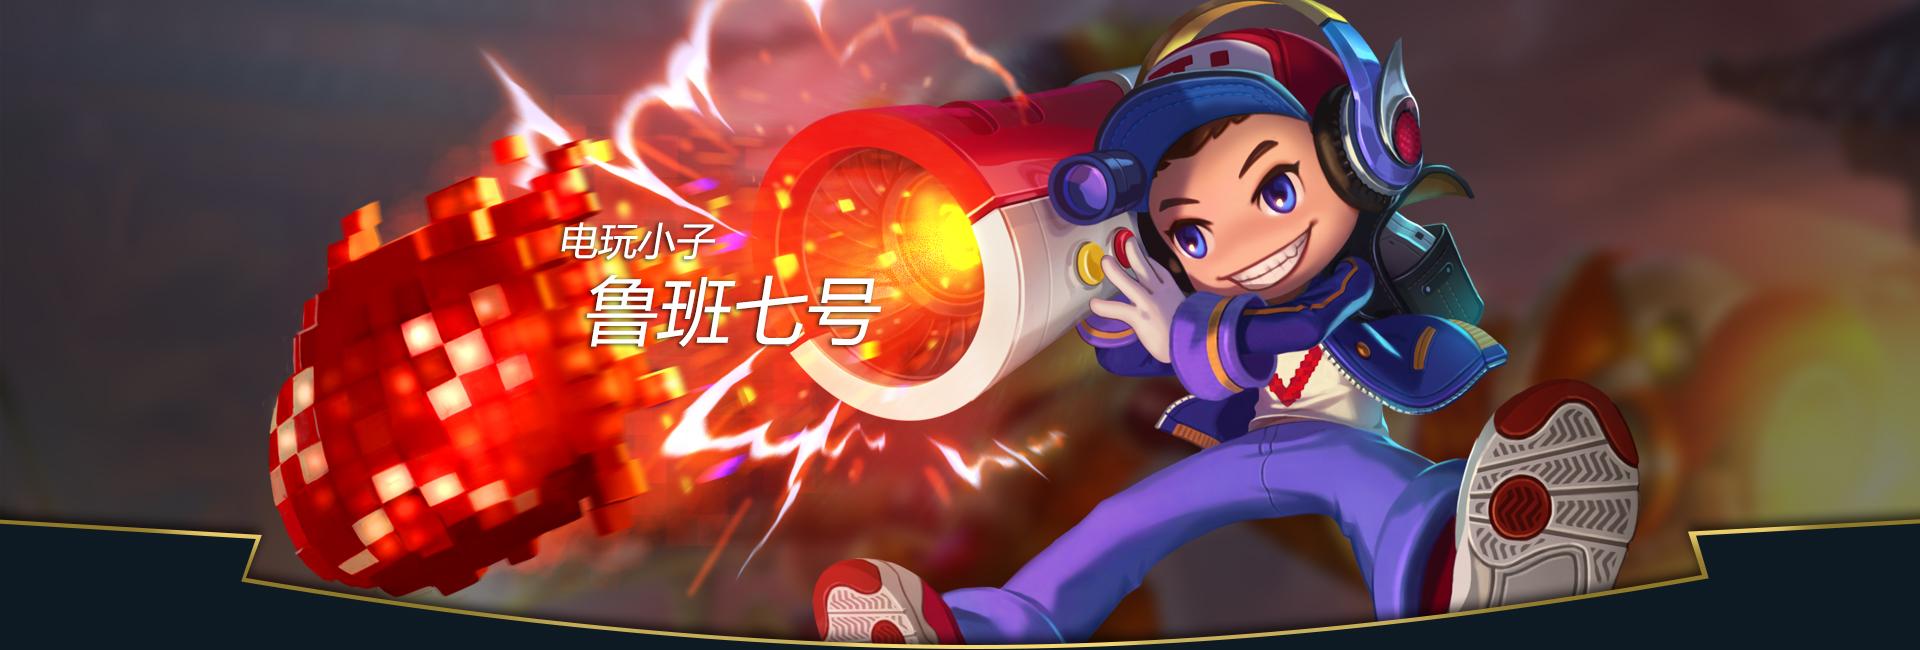 第2弹《王者荣耀英雄皮肤CG》竞技游戏142